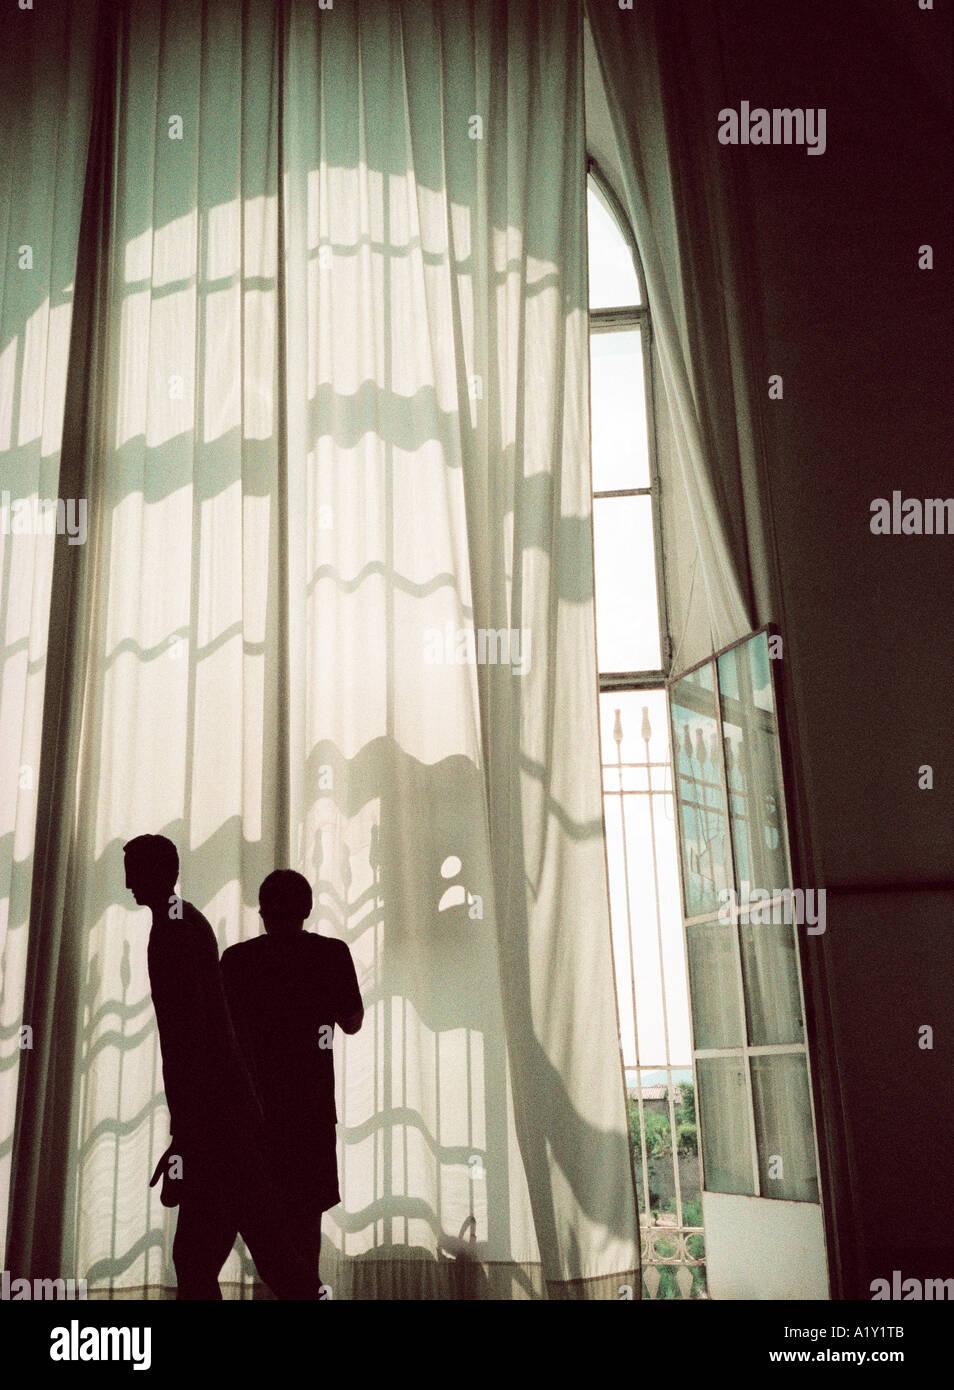 Krankenhaus-Fenster, Siena, Toskana Italien. Atmosphärische 35mm Snap Bild mit erheblichen sichtbare Filmkorn. Stockfoto